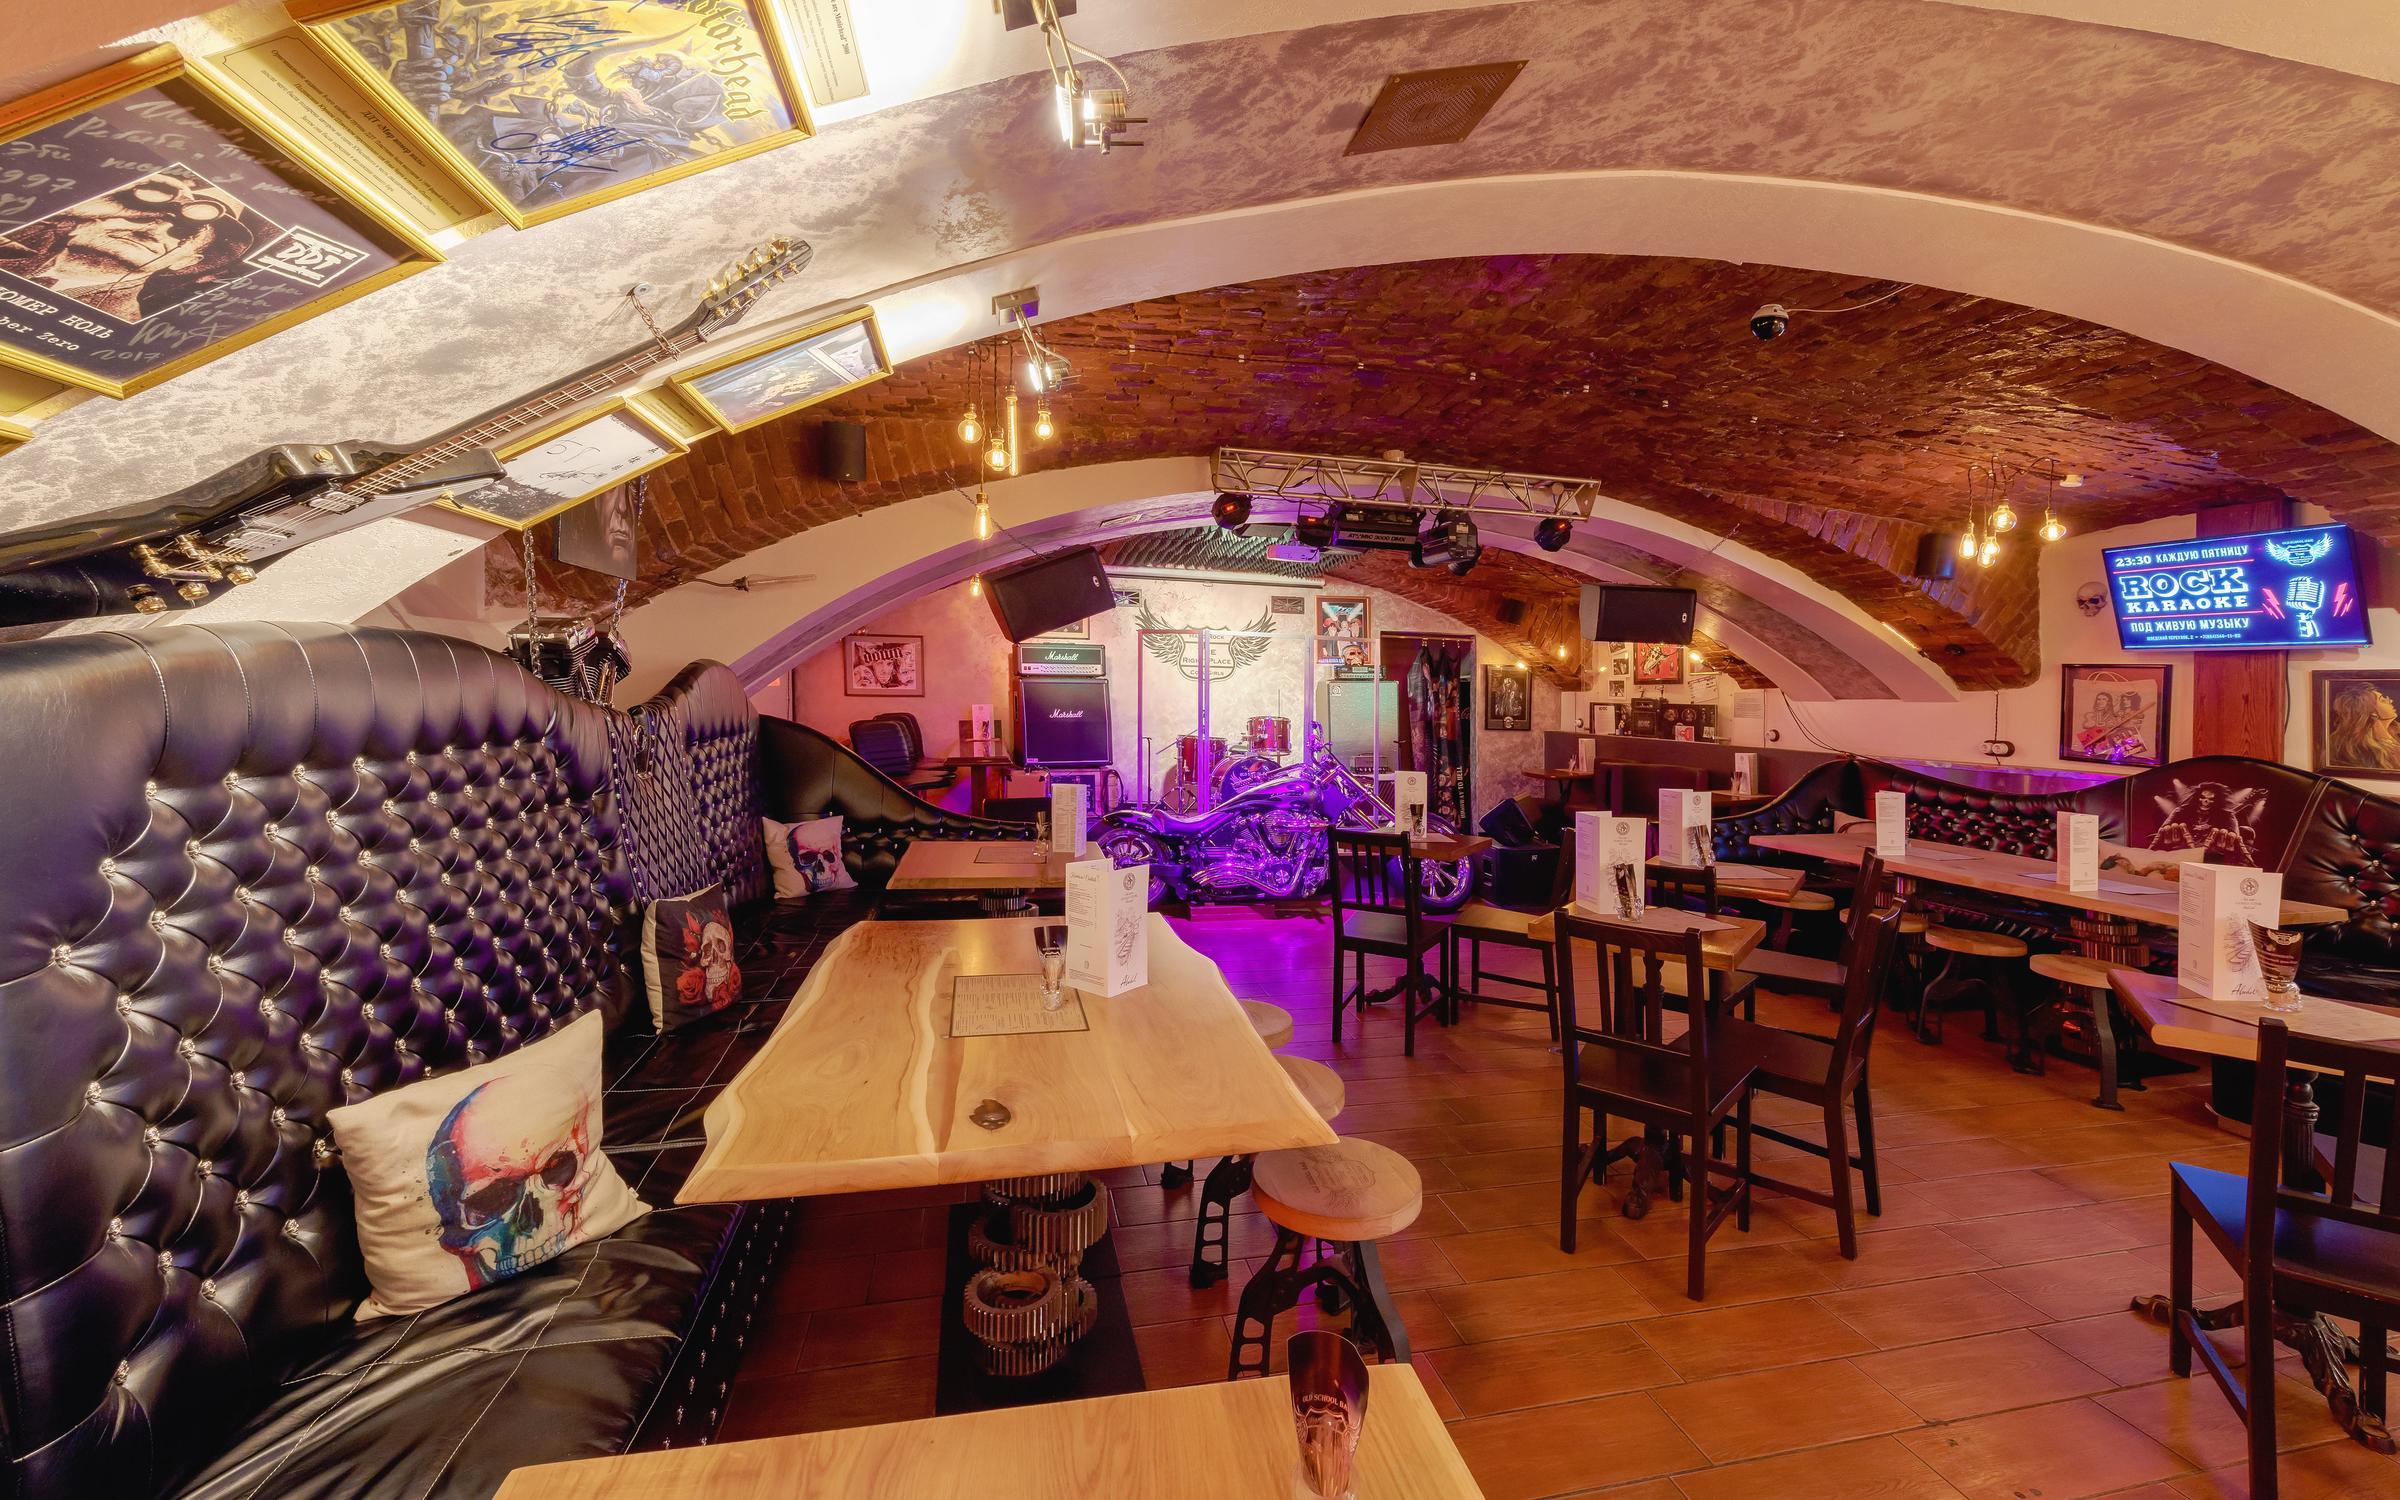 фотография Ресторана The Right Place на станции метро Невский проспект